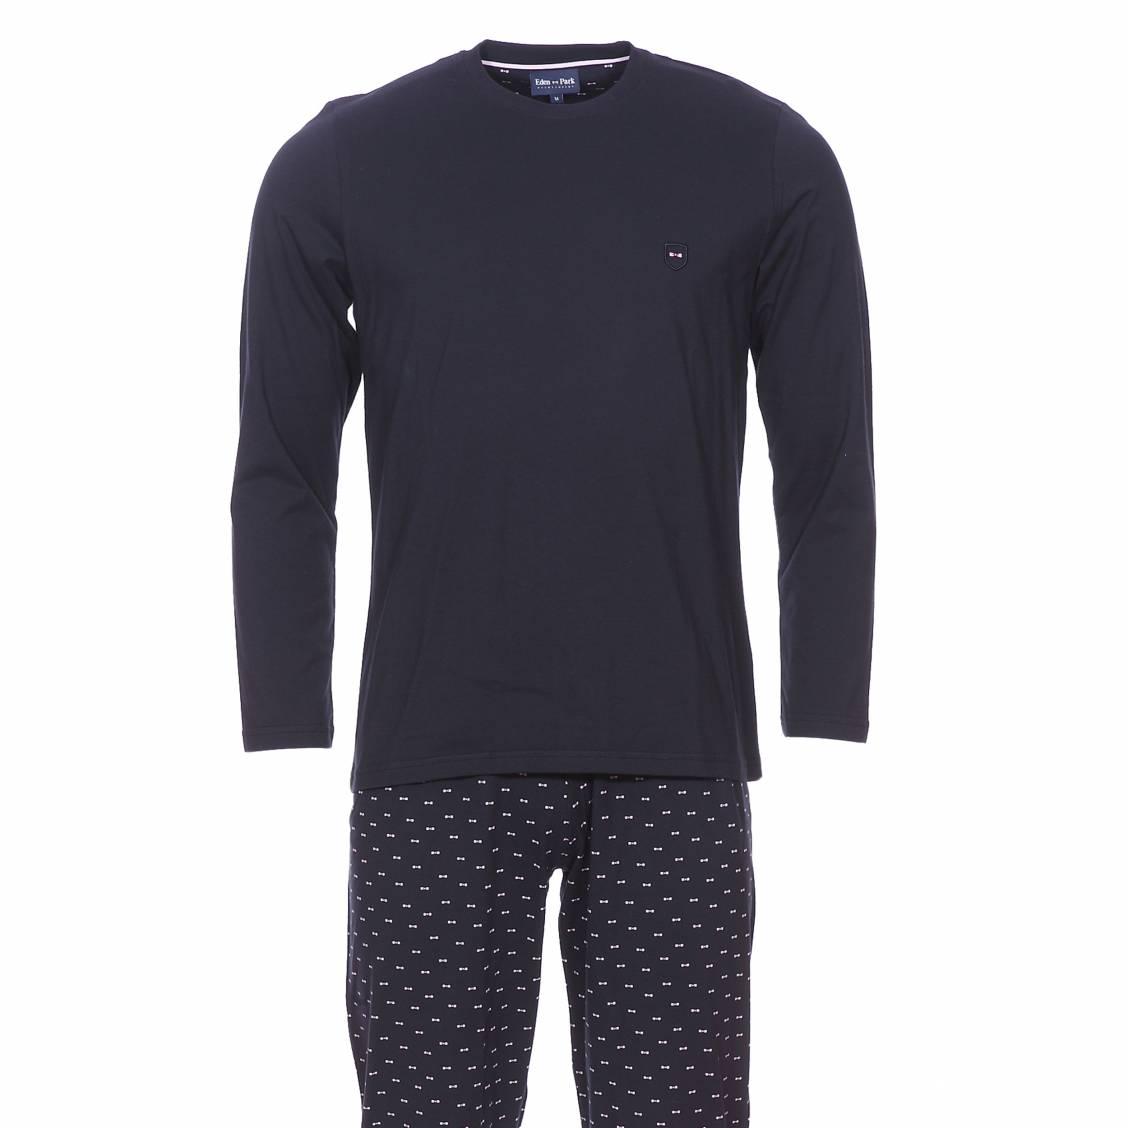 Pyjama long eden park en coton : tee-shirt manches longues bleu marine et pantalon bleu marine à petits n?uds rose pâle